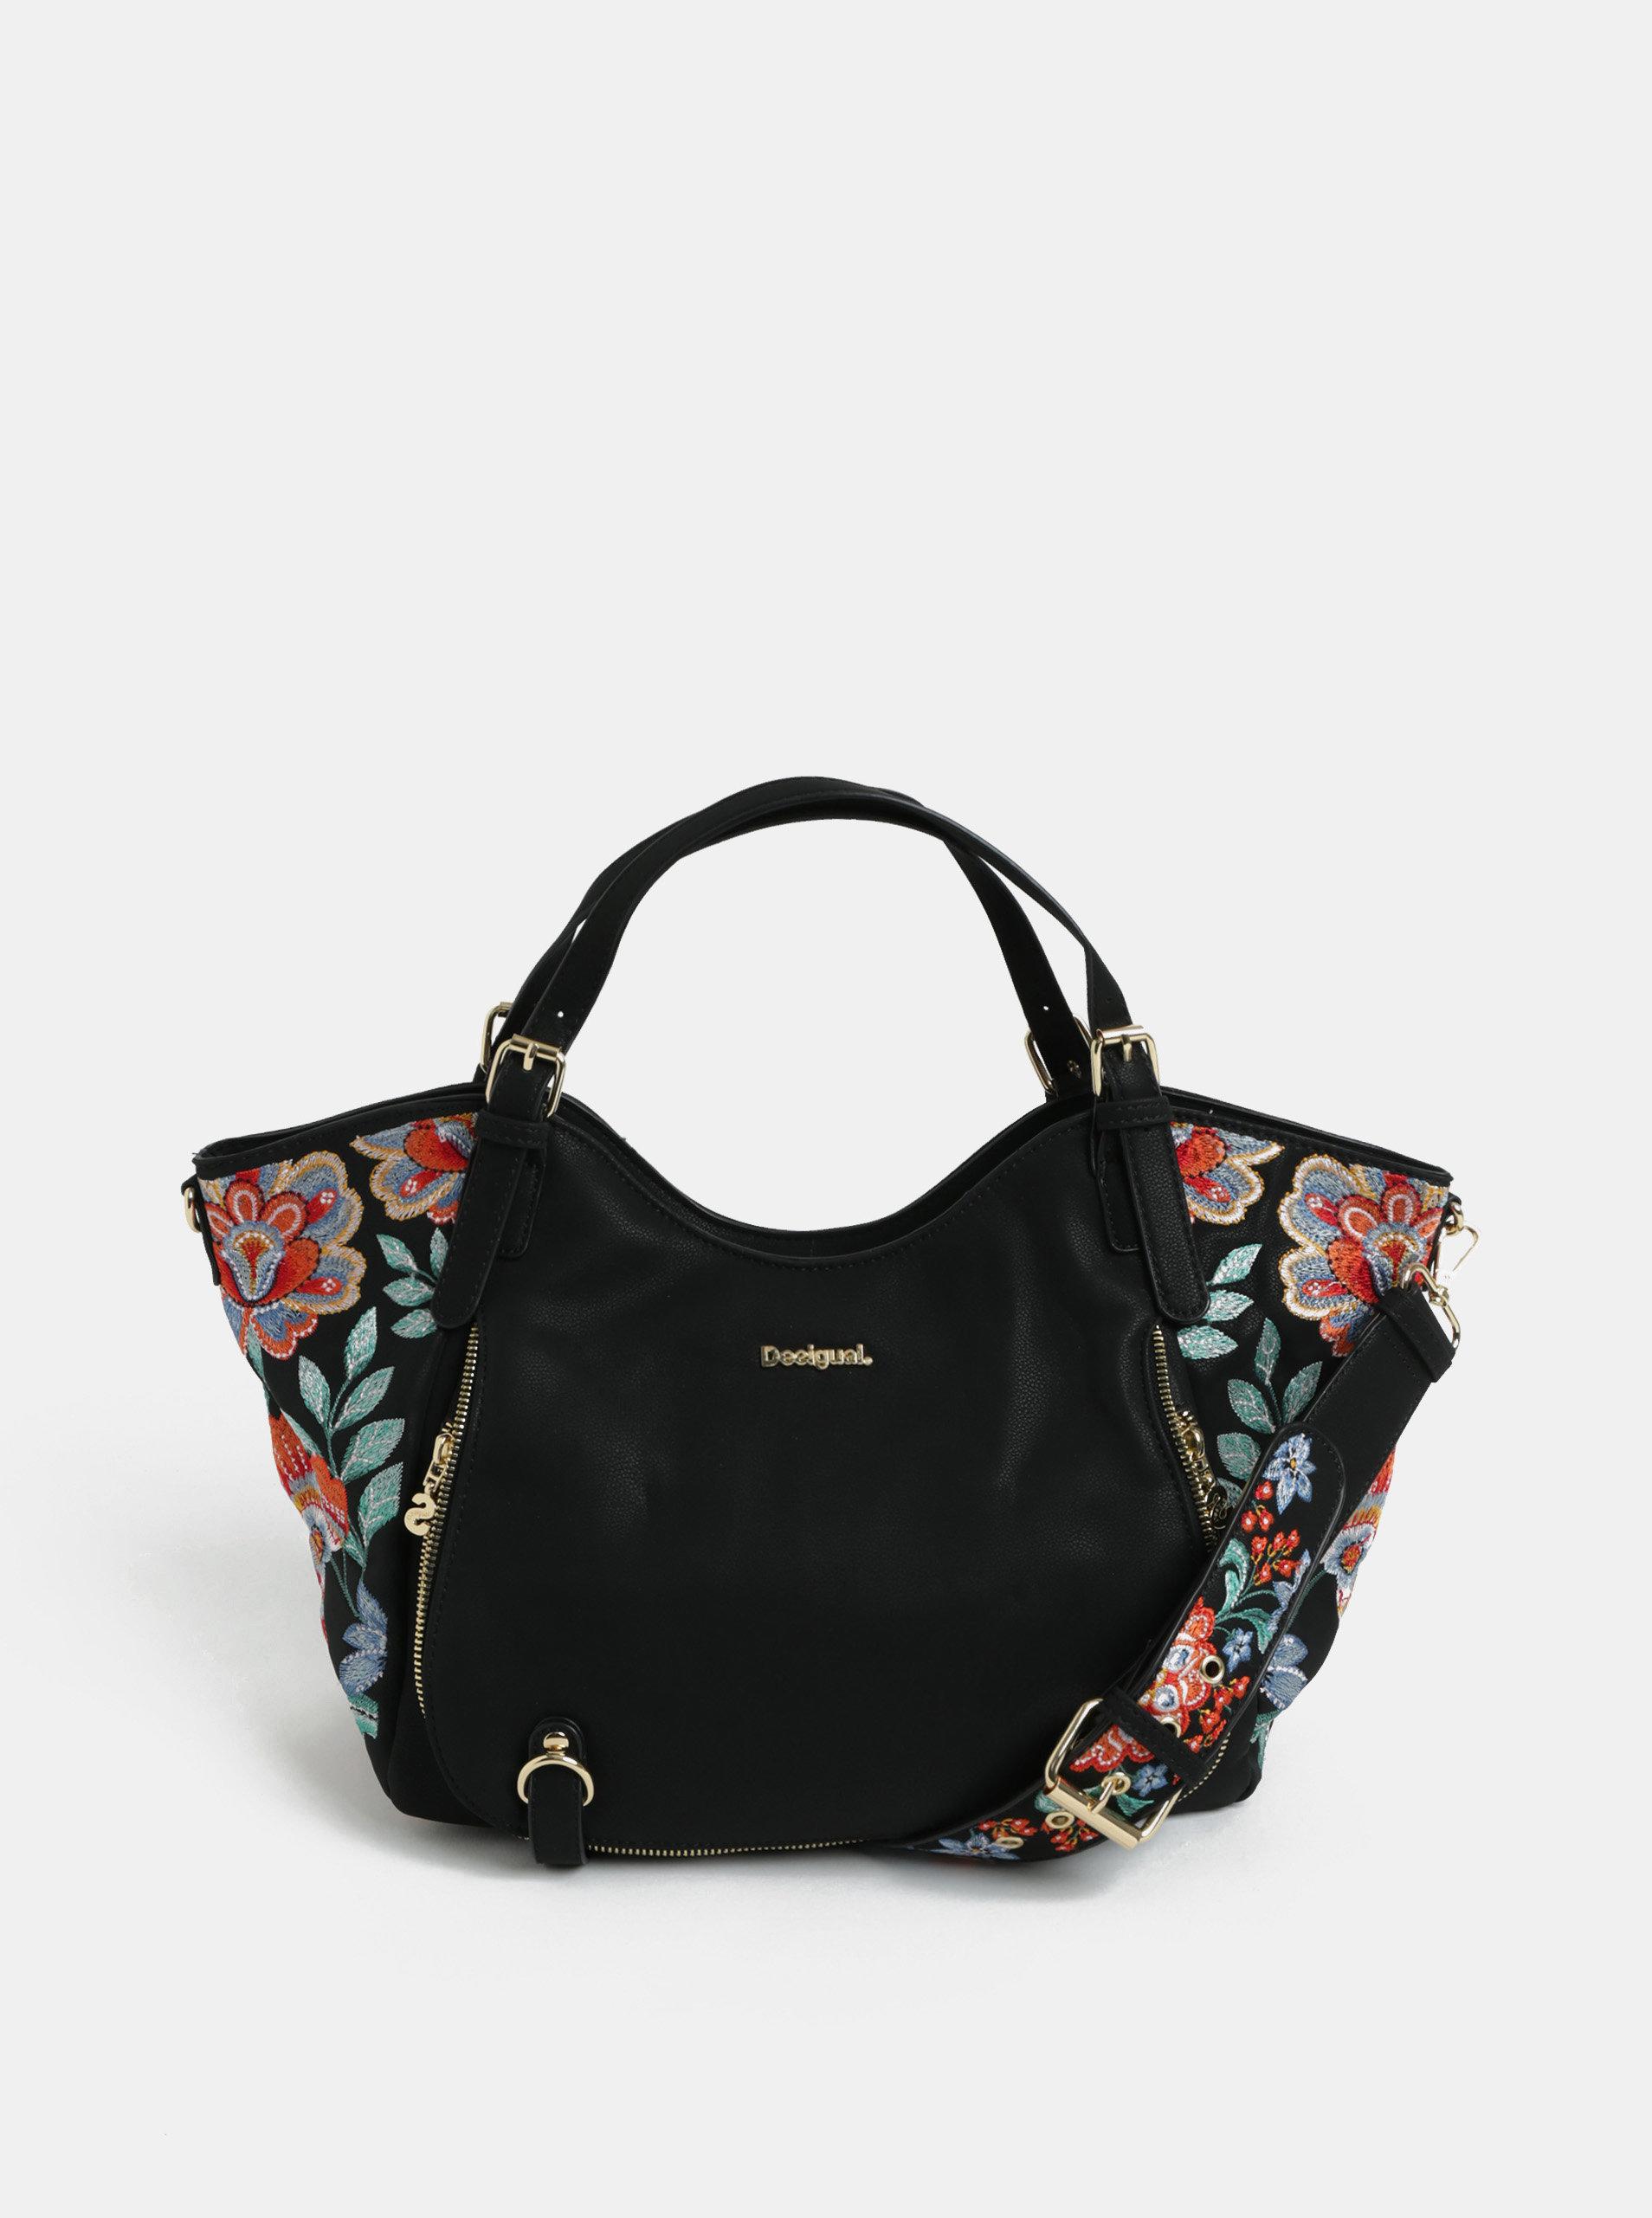 Černá kabelka s výšivkou Desigual Odissey